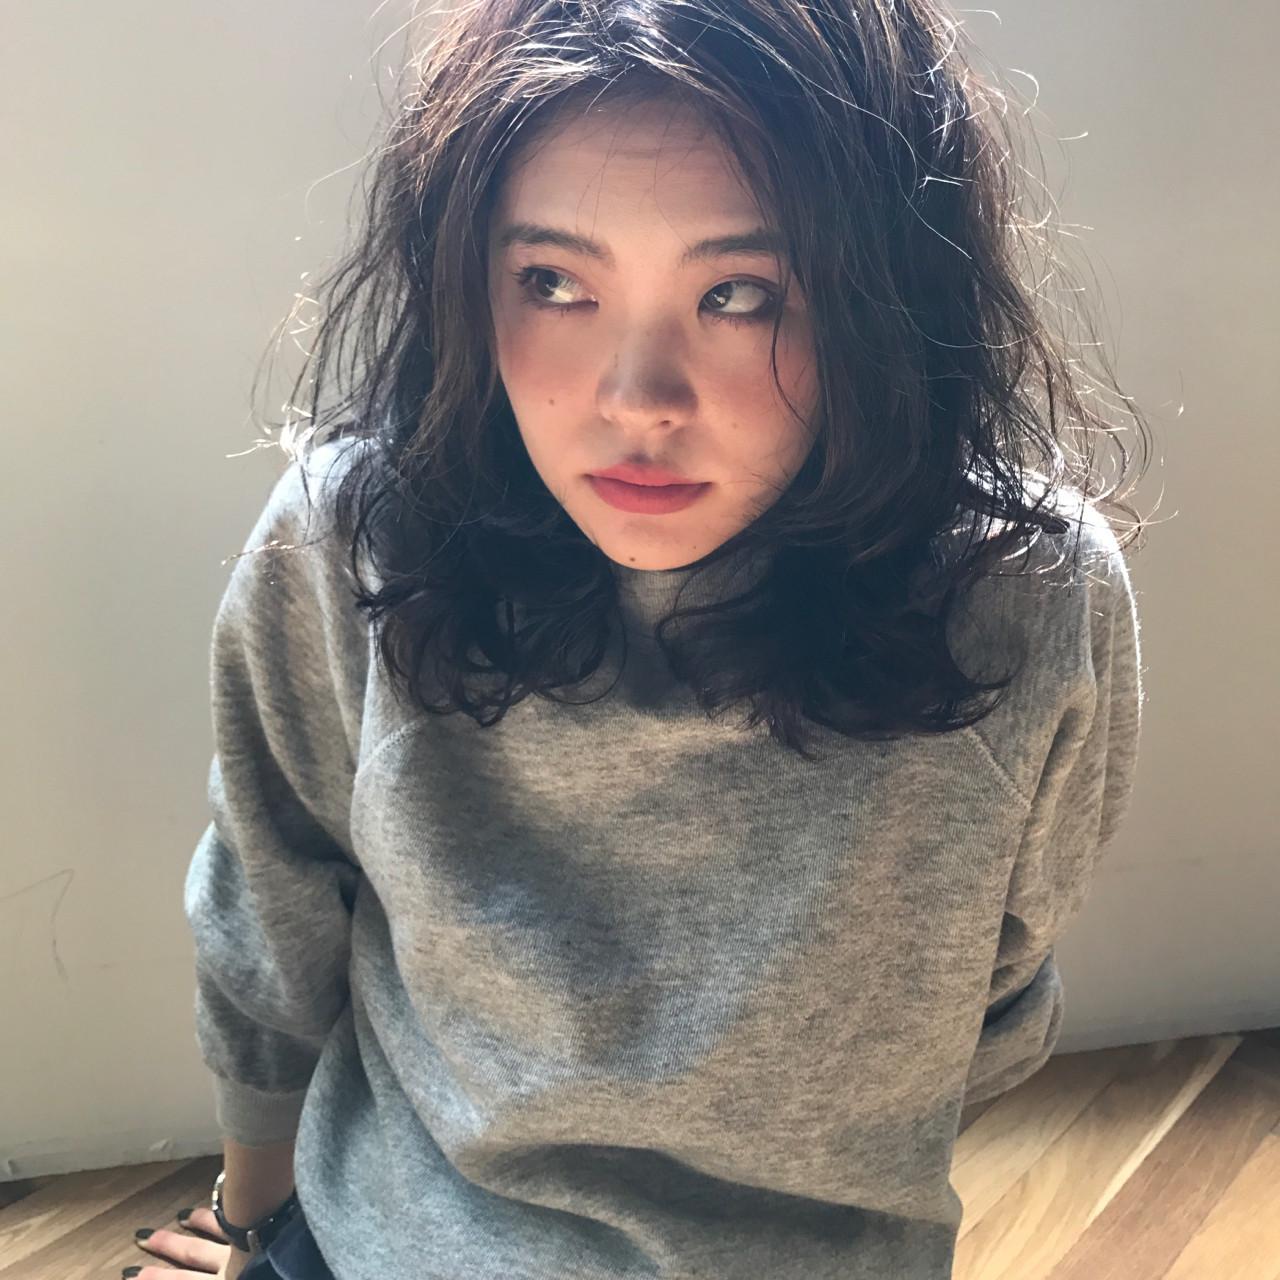 黒髪×ミディアム×パーマは色気たっぷりのおフェロスタイルに♡ YUKINA / HOMIE TOKYO